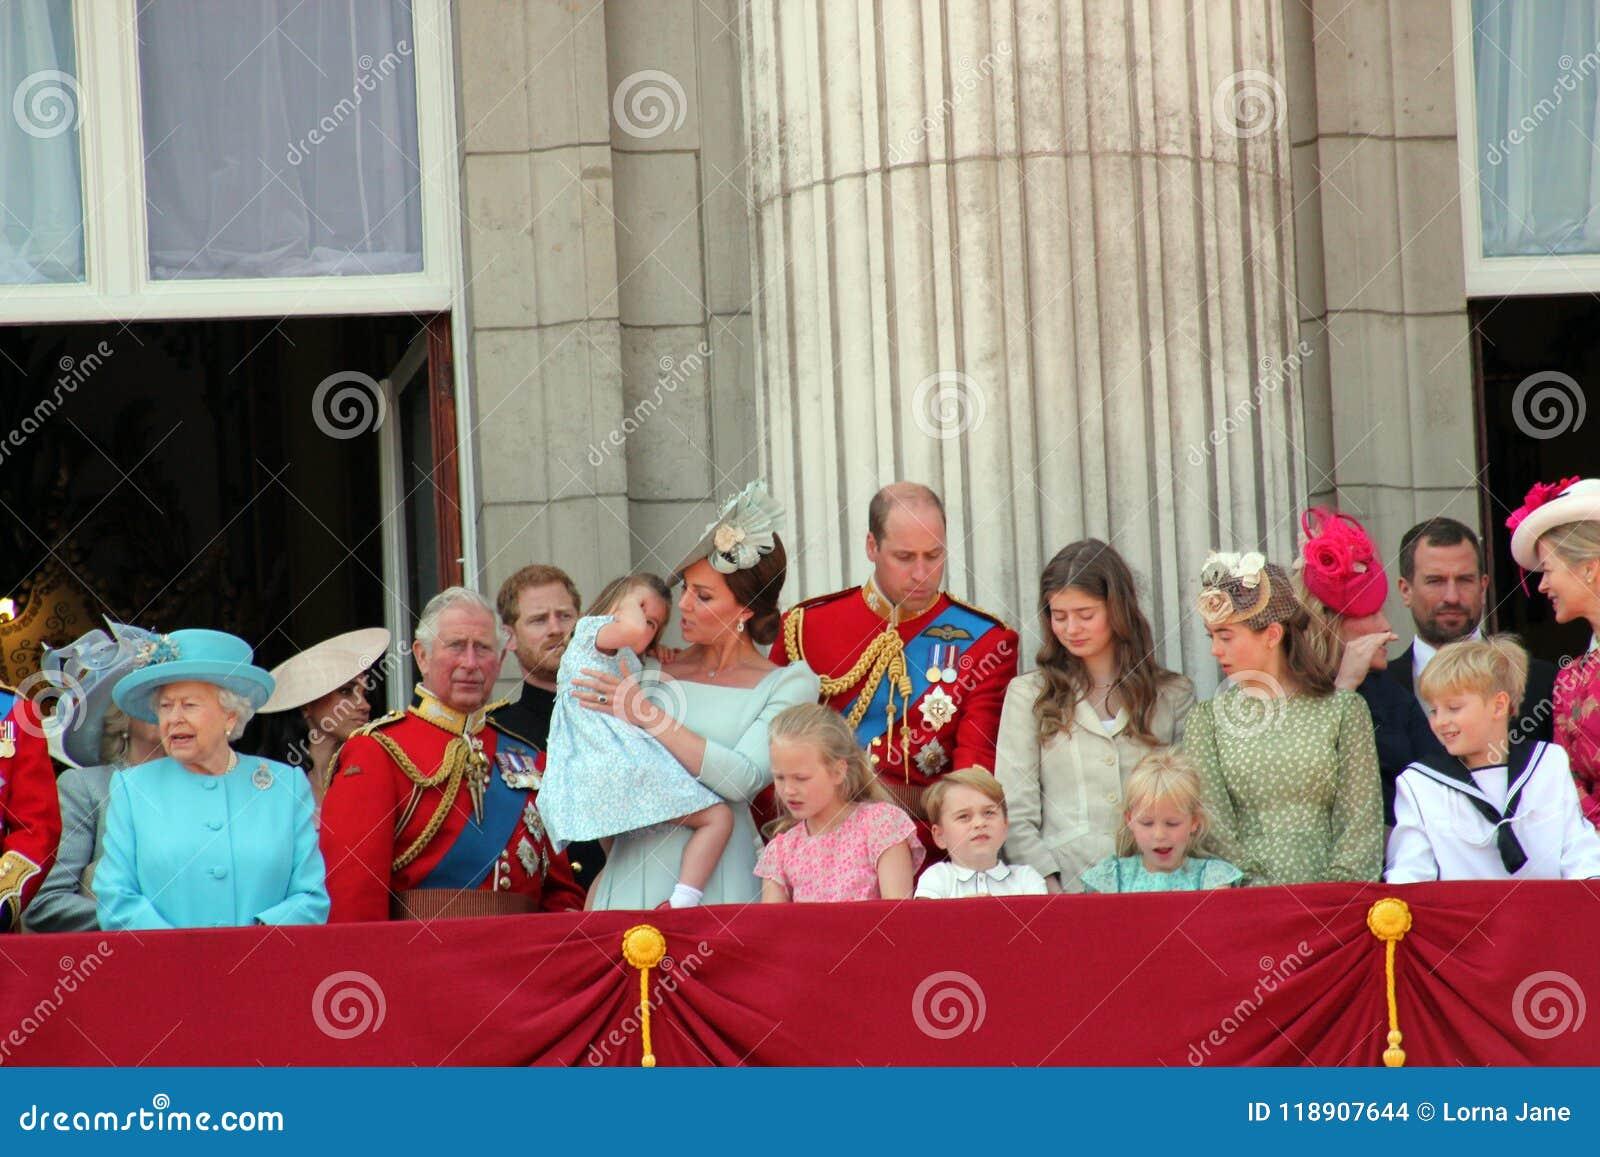 女王伊丽莎白,伦敦,英国, 2018年6月9日-梅格汉・马克尔,哈里,公主王子乔治威廉,查尔斯、凯特Middleton &王子